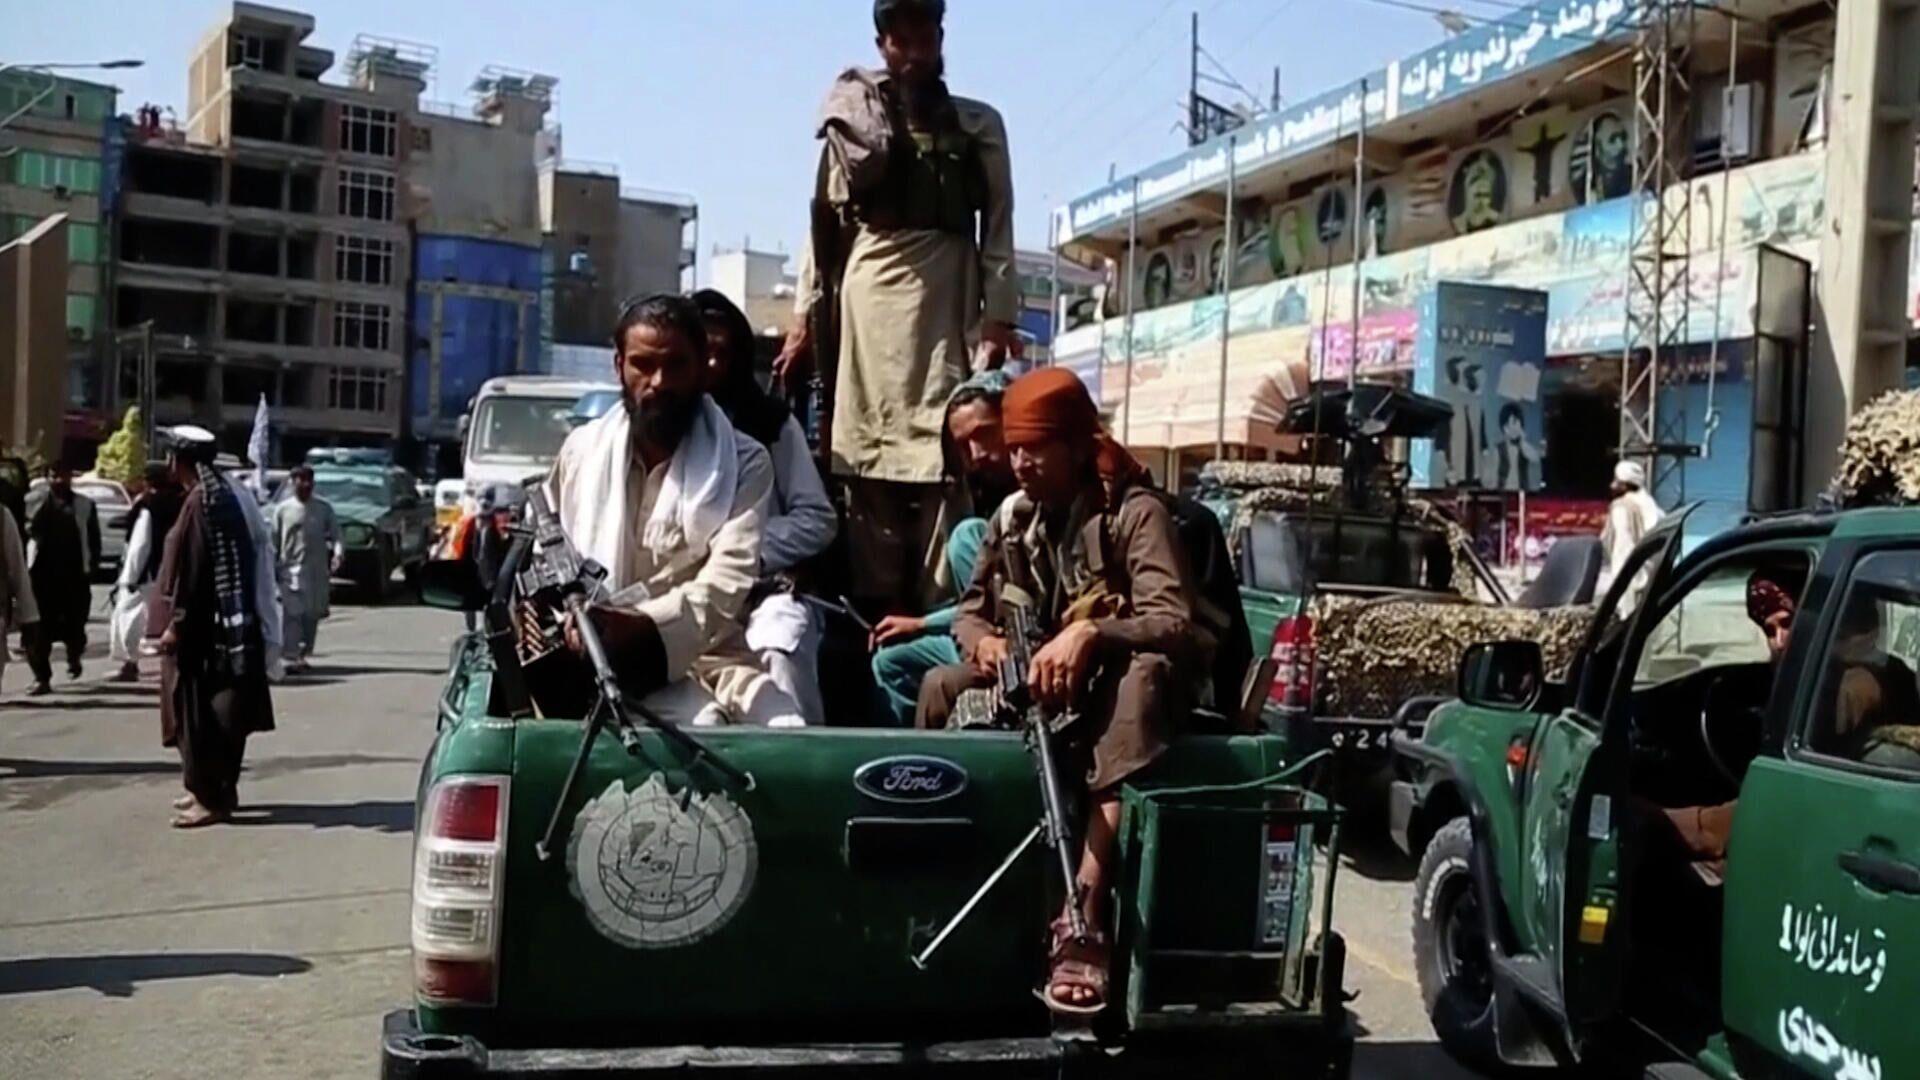 Σκοτεινές μέρες για το Αφγανιστάν: Η επιστροφή των Ταλιμπάν και η πτώση της  Καμπούλ - Sputnik Ελλάδα, 1920, 08.09.2021